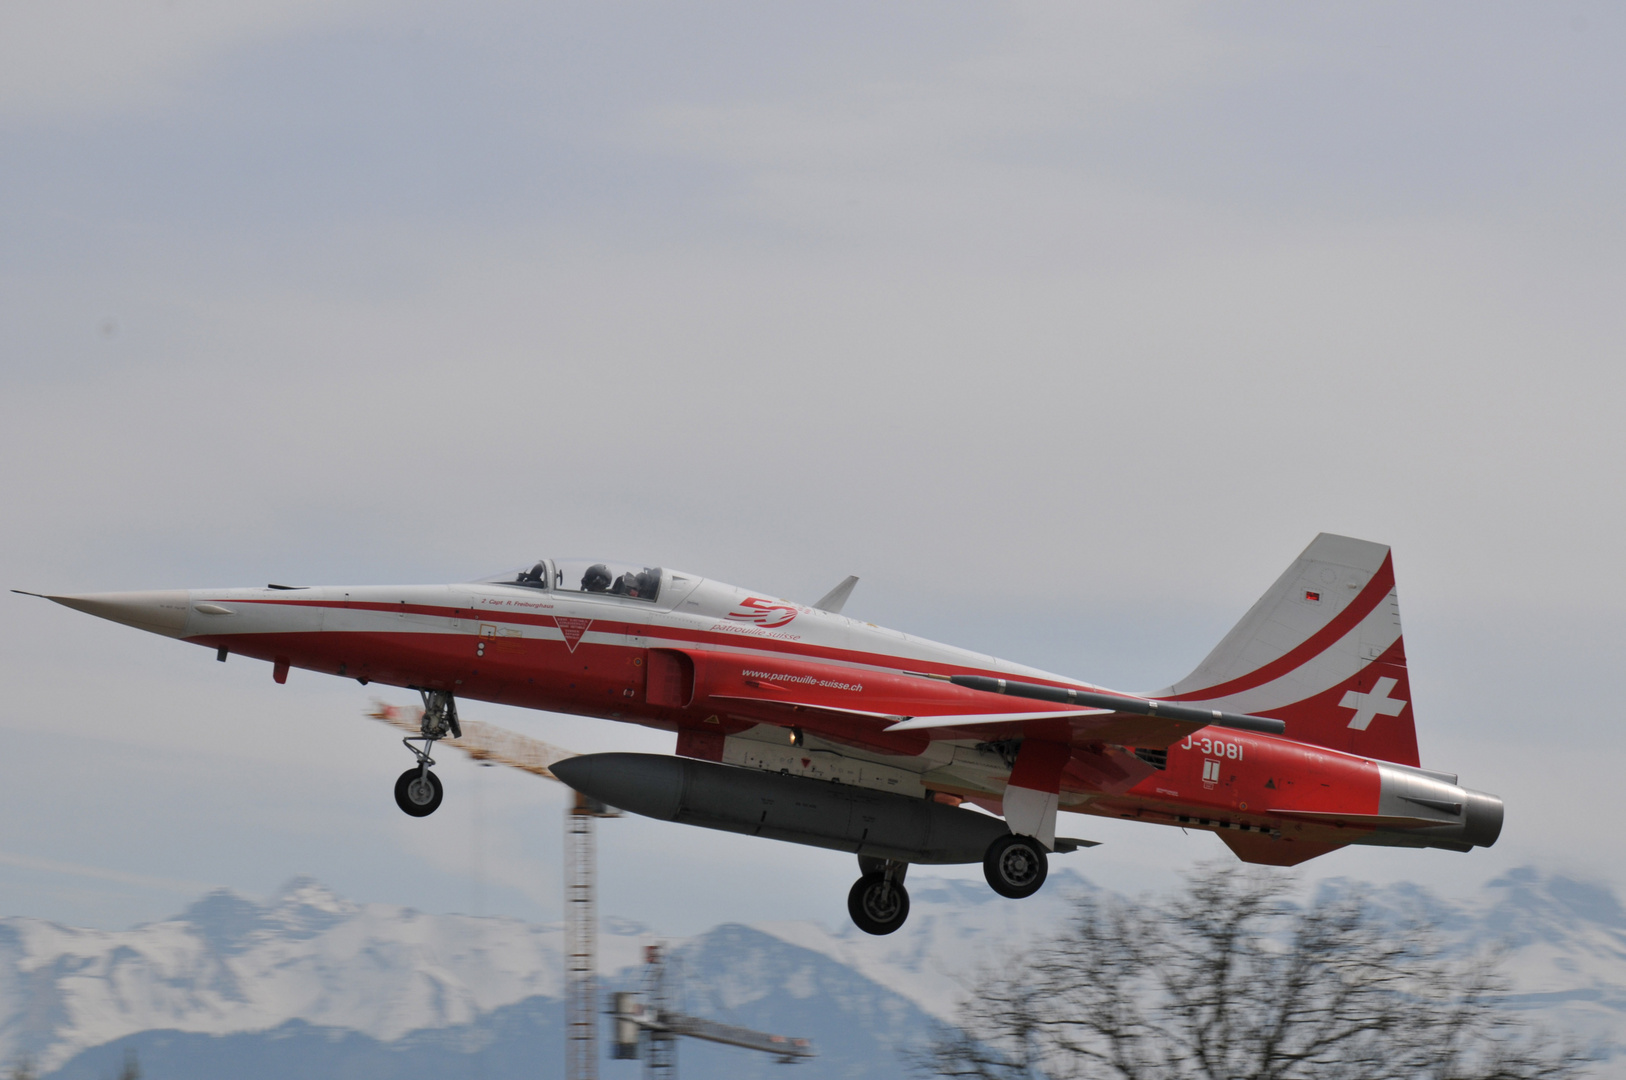 Patrouille Suisse II